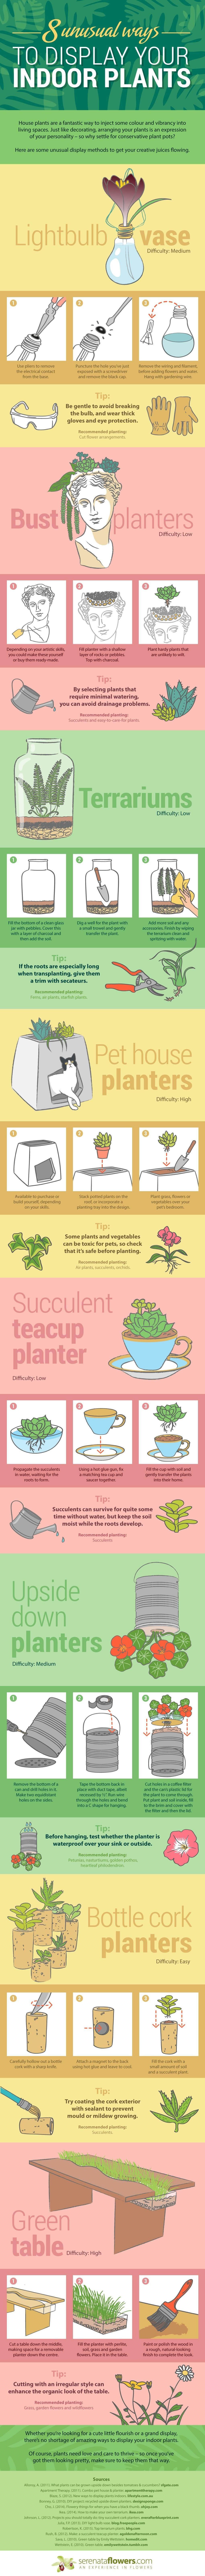 8 Unusual Ways to Display your Indoor Plants #infographic